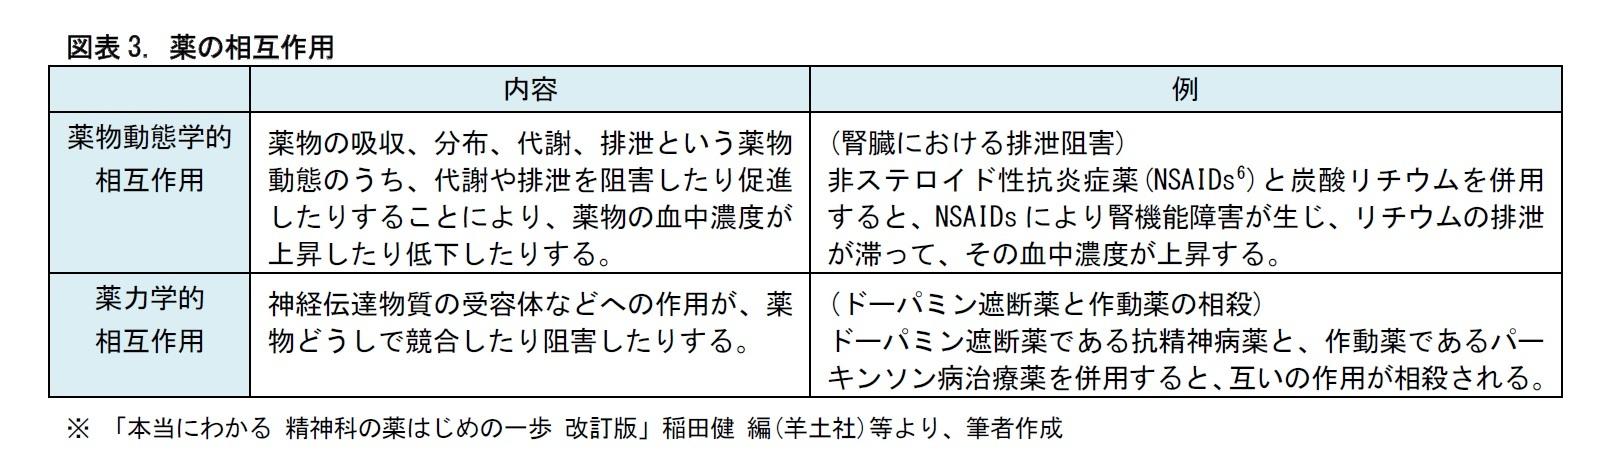 図表3. 薬の相互作用